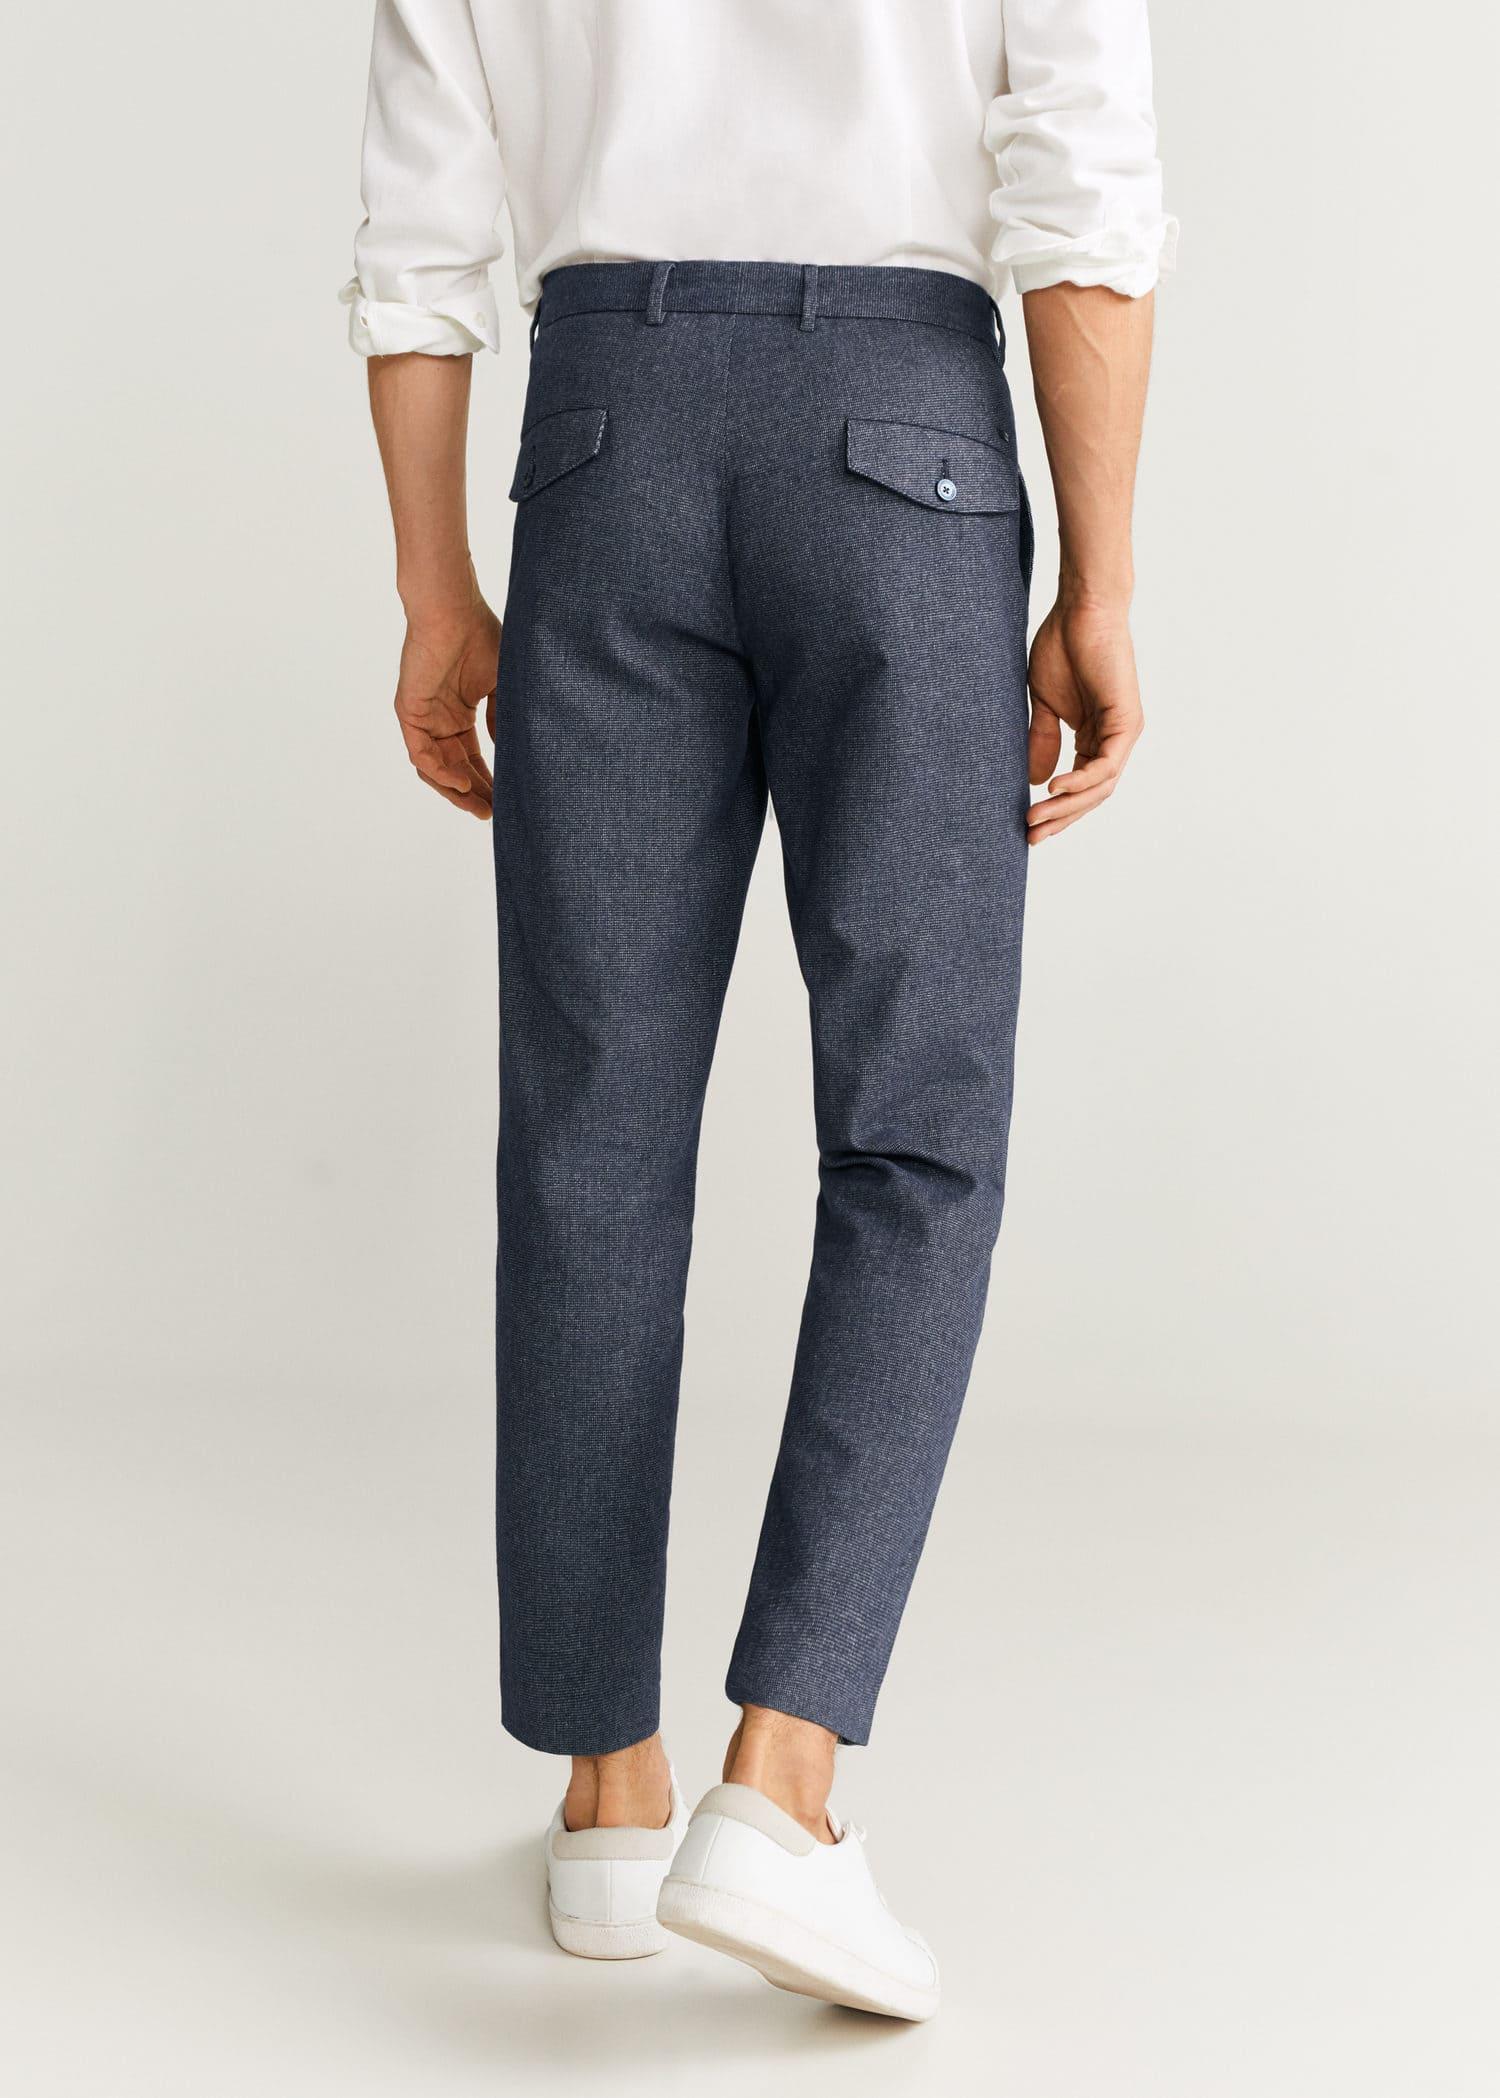 Pantalon slim fit structuré en coton